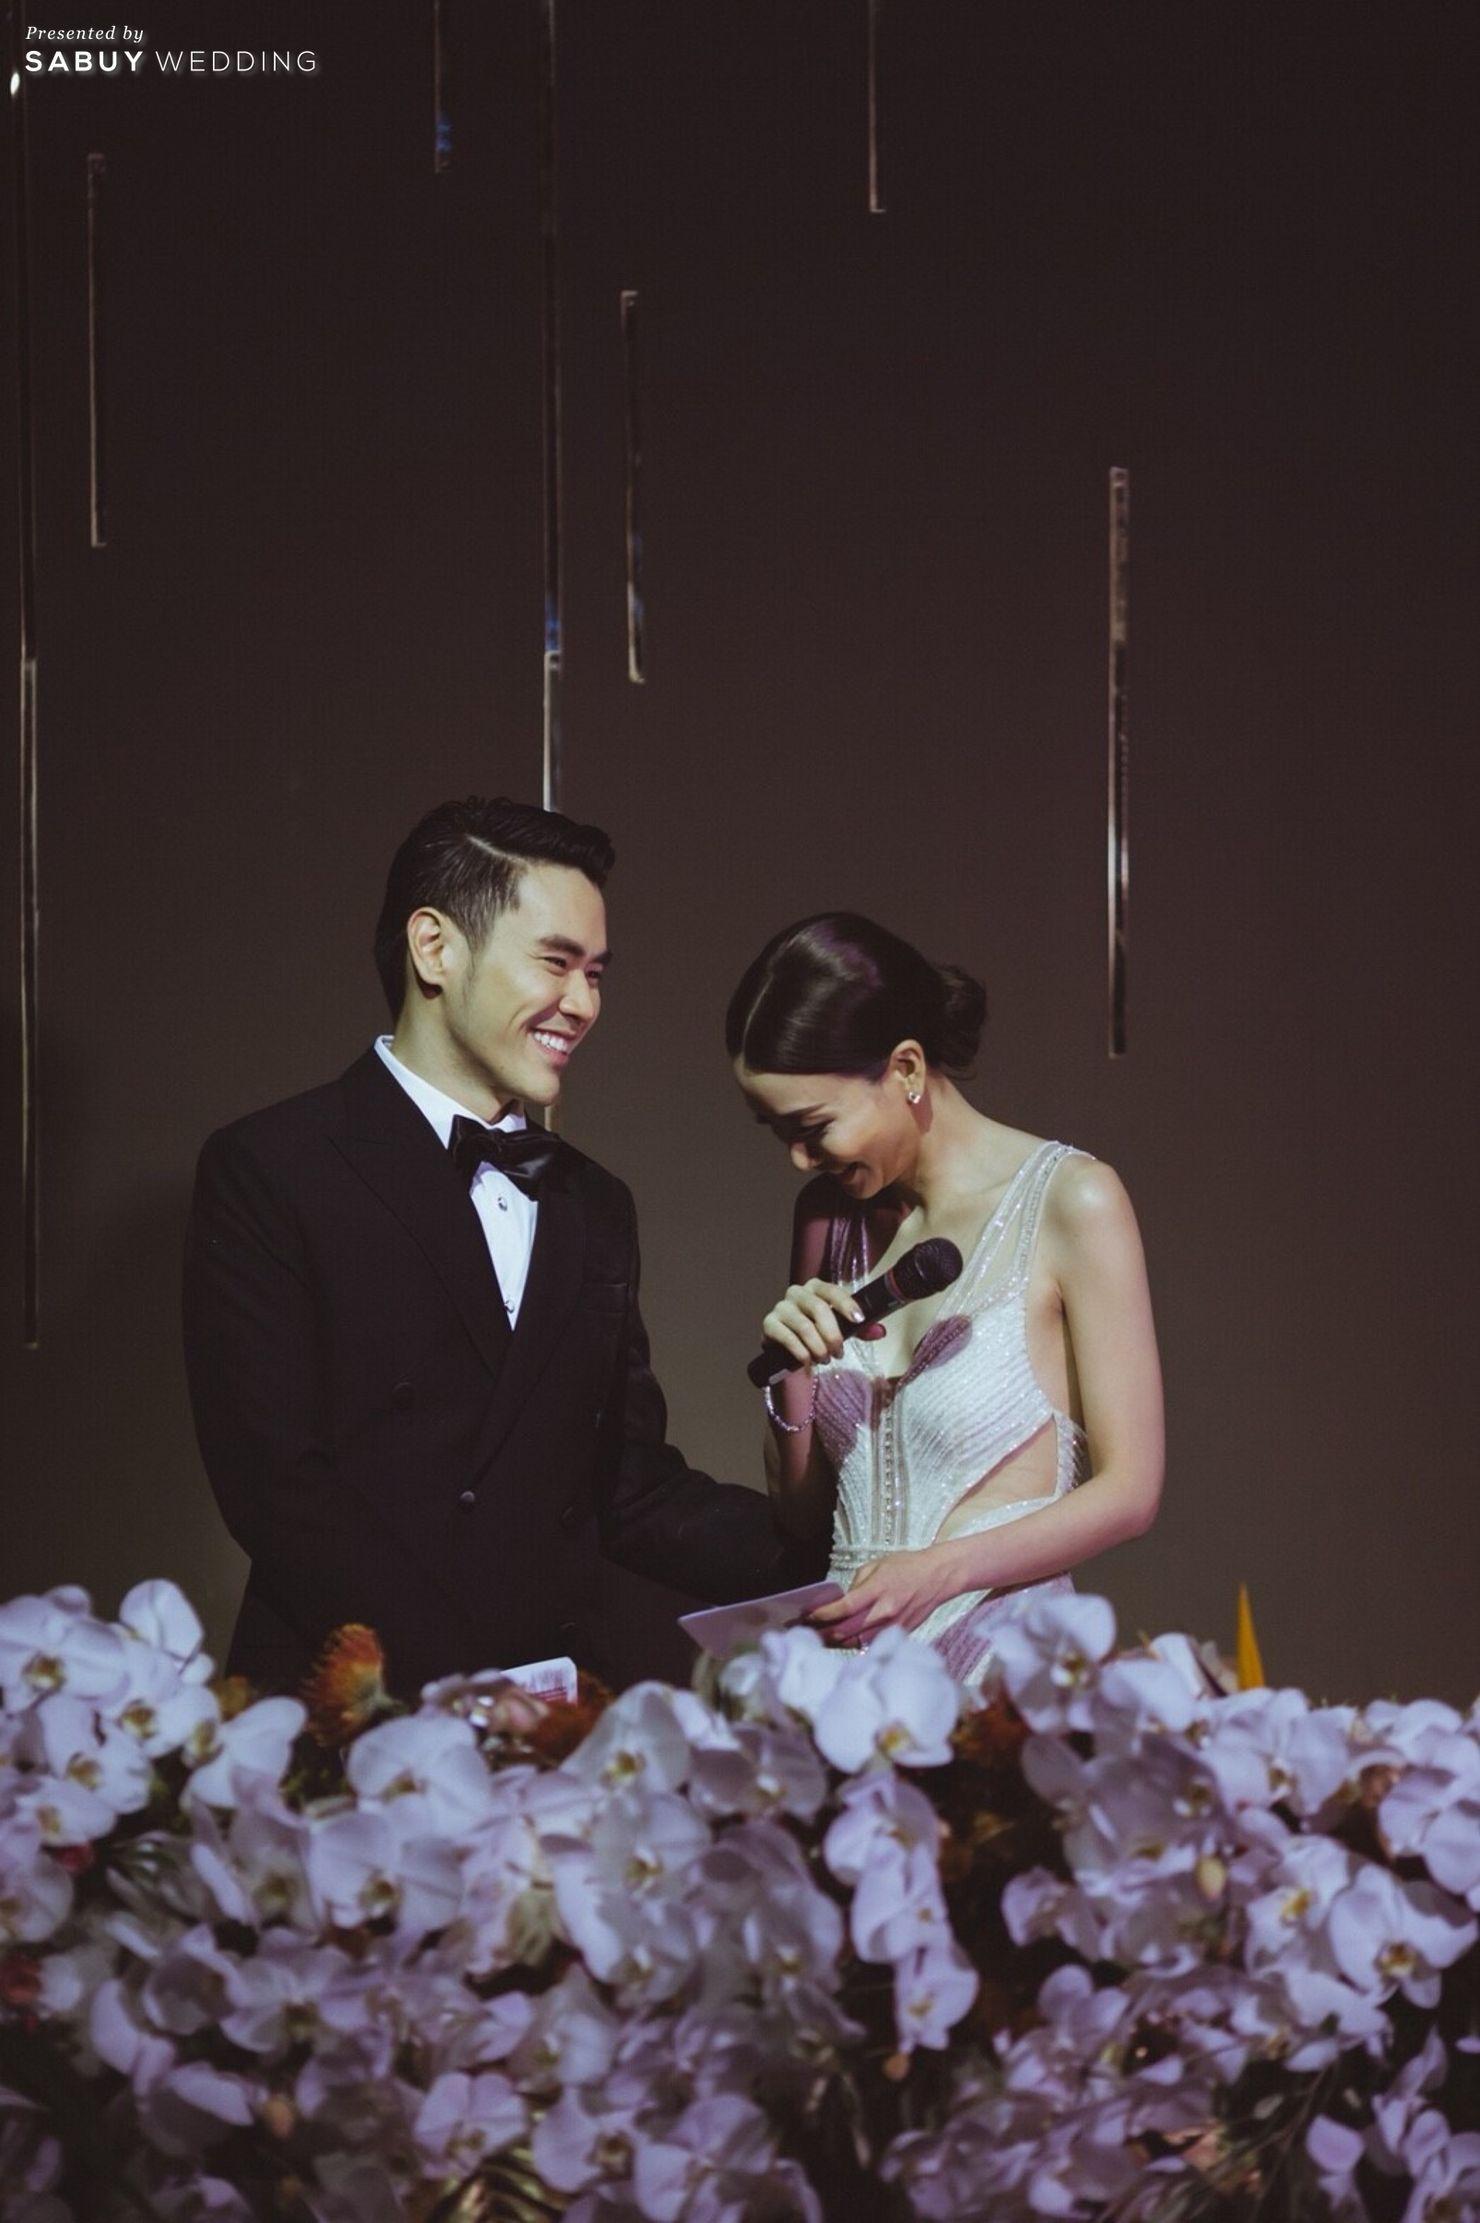 บ่าวสาว,ชุดเจ้าสาว,ชุดเจ้าบ่าว,จัดดอกไม้งานแต่ง,ตกแต่งงานแต่ง รีวิวงานแต่ง Sit-down Lunch และ Dinner เฉียบเรียบโก้ โมเดิร์นมาก @SO Sofitel Bangkok